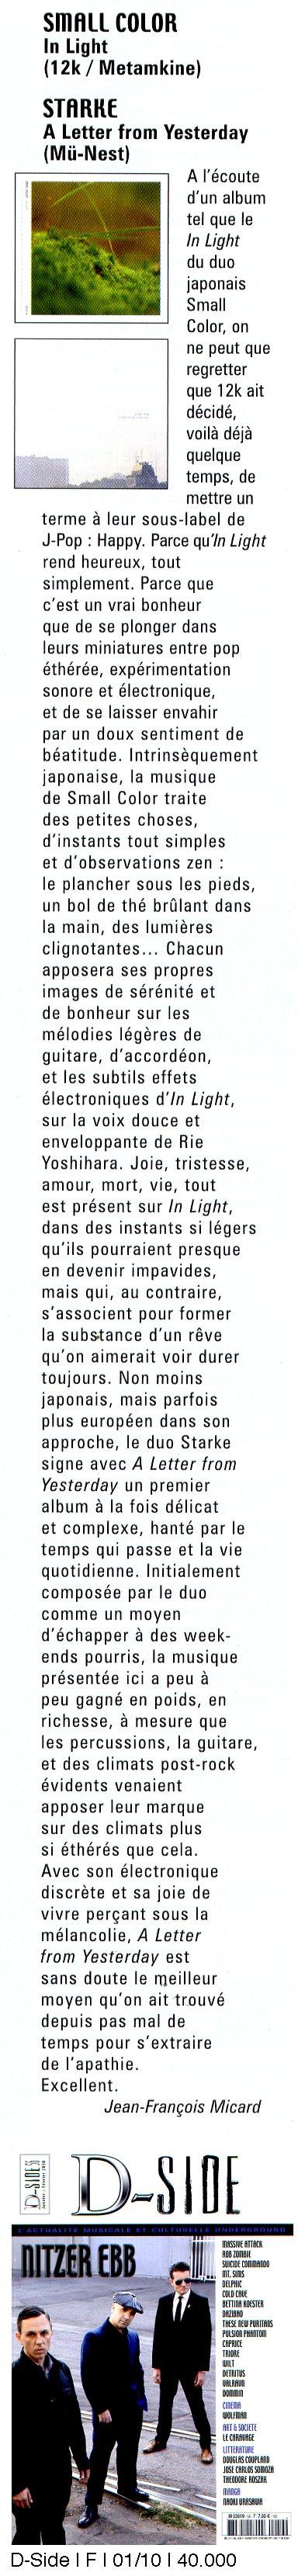 フランスの雑誌に